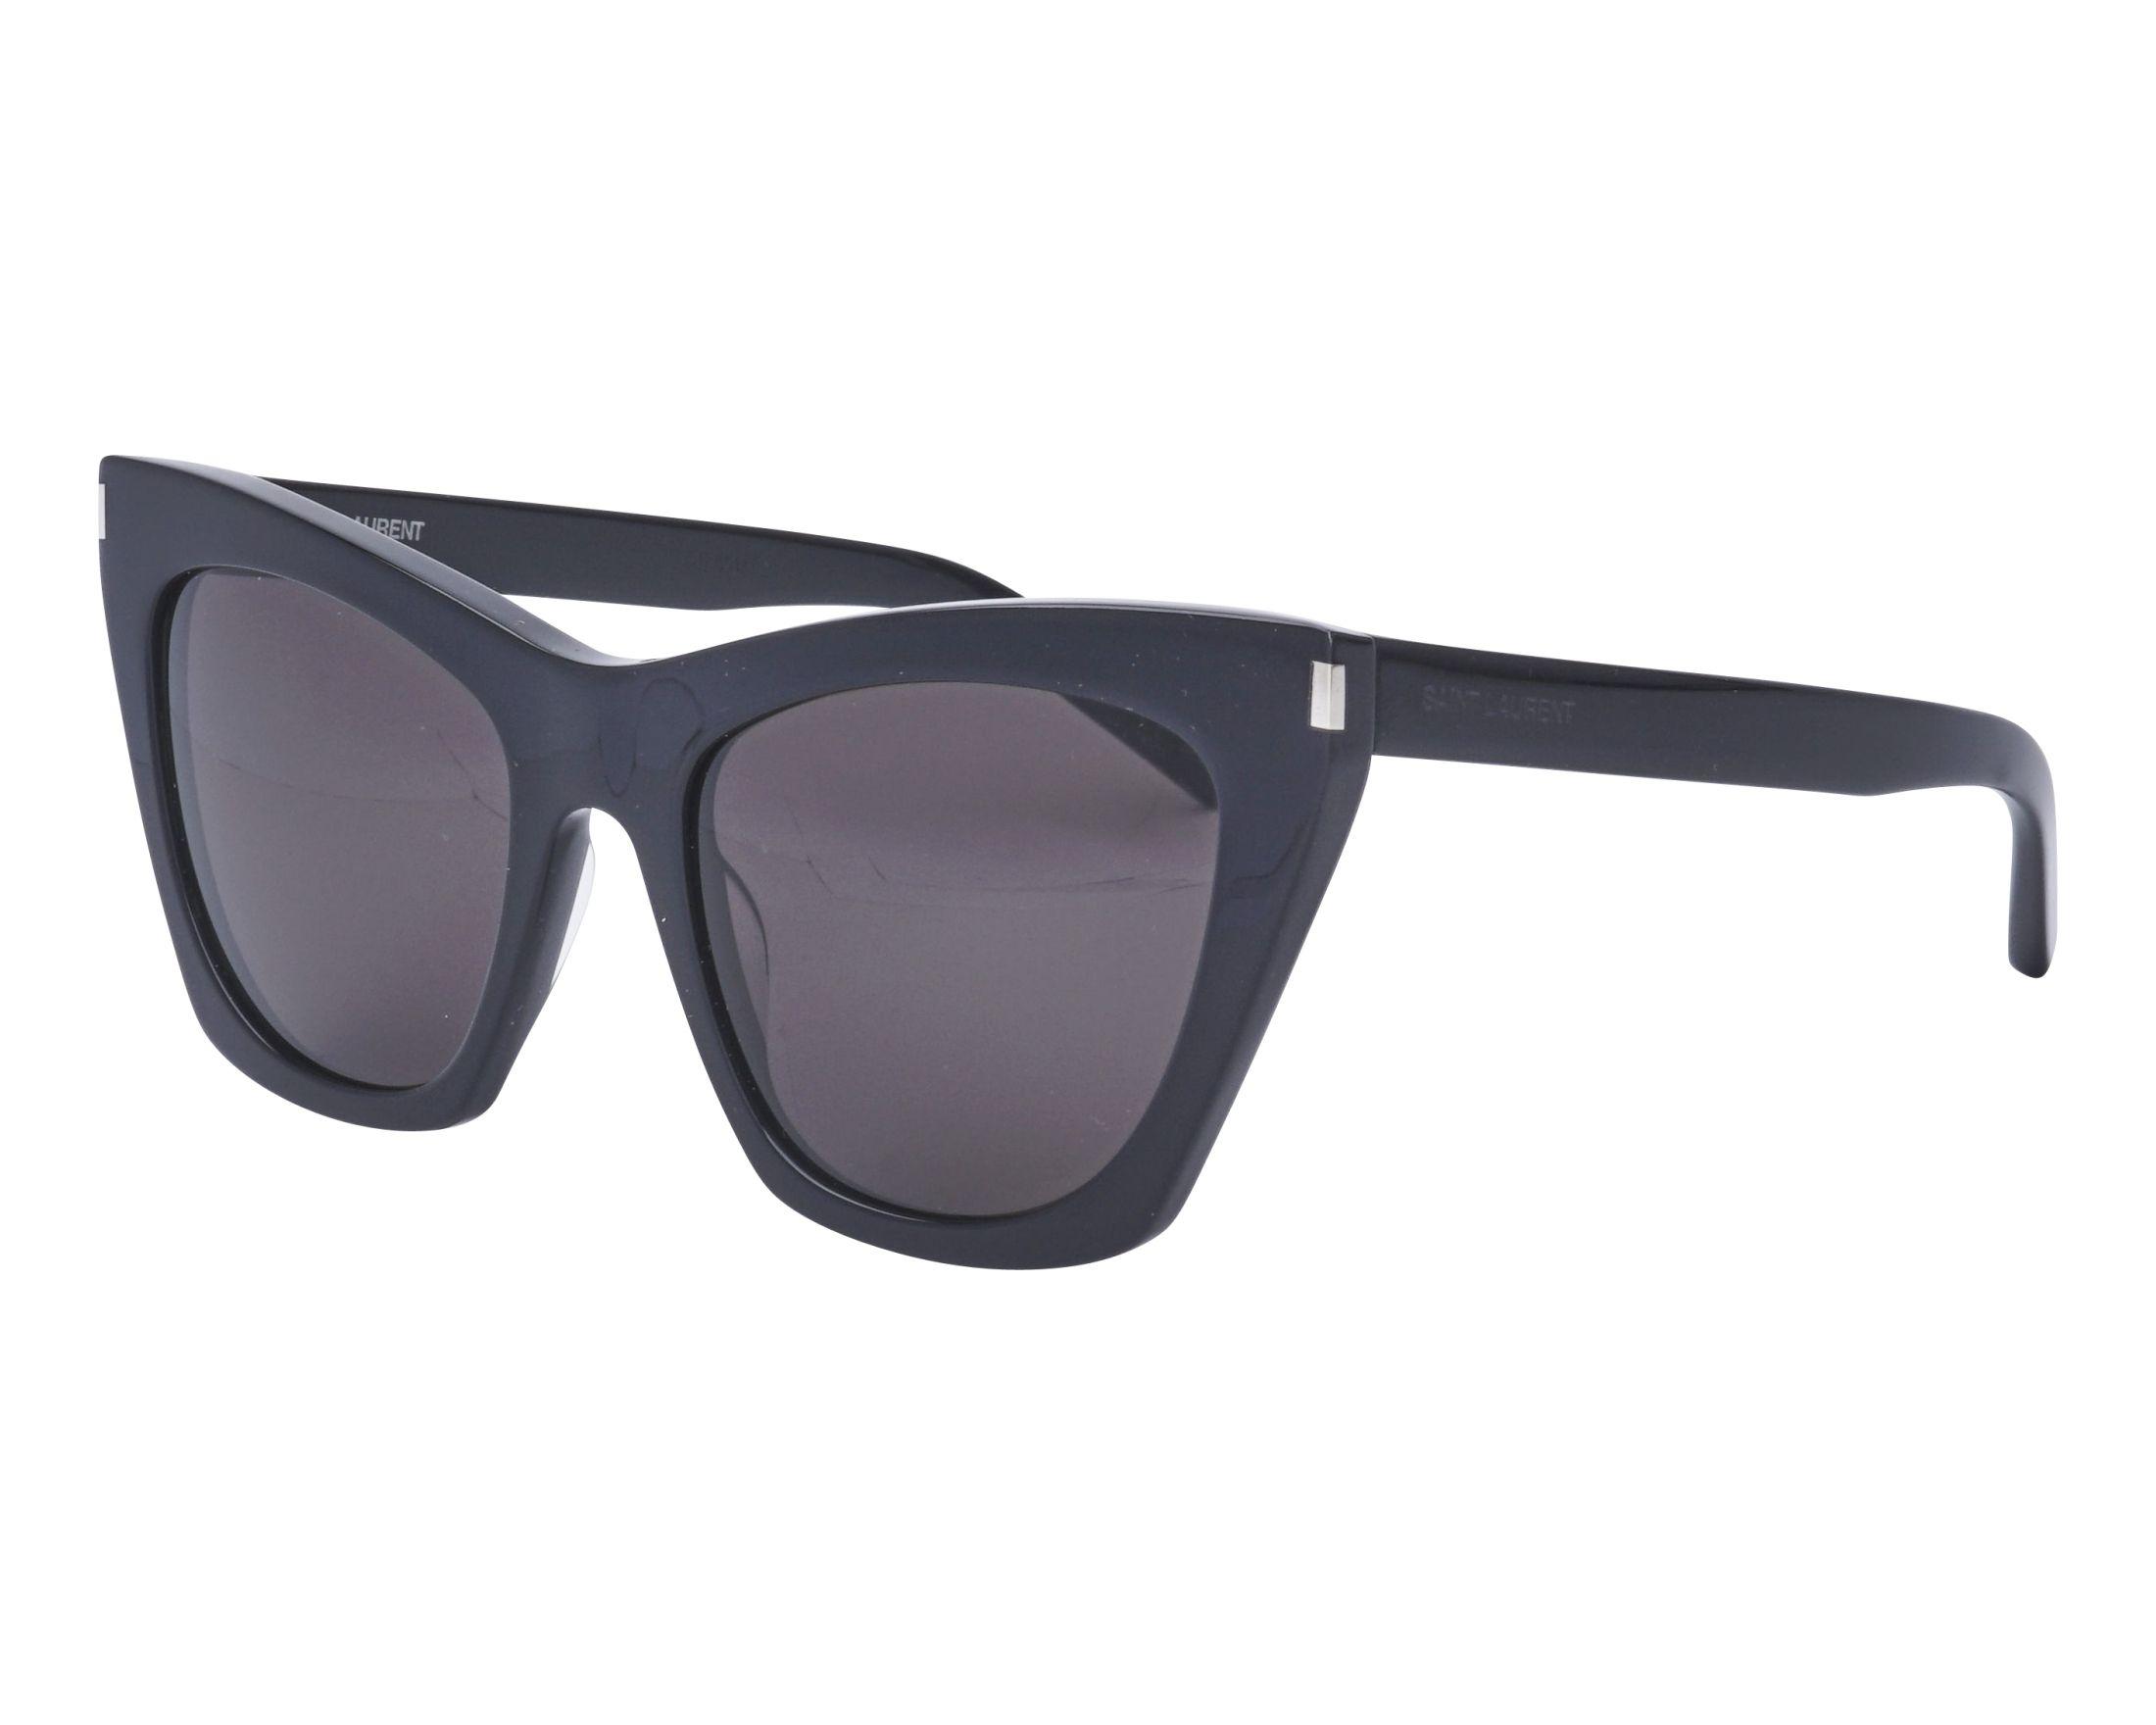 95a1a7ded33 Sunglasses Yves Saint Laurent SL-214 001 55-20 Black profile view